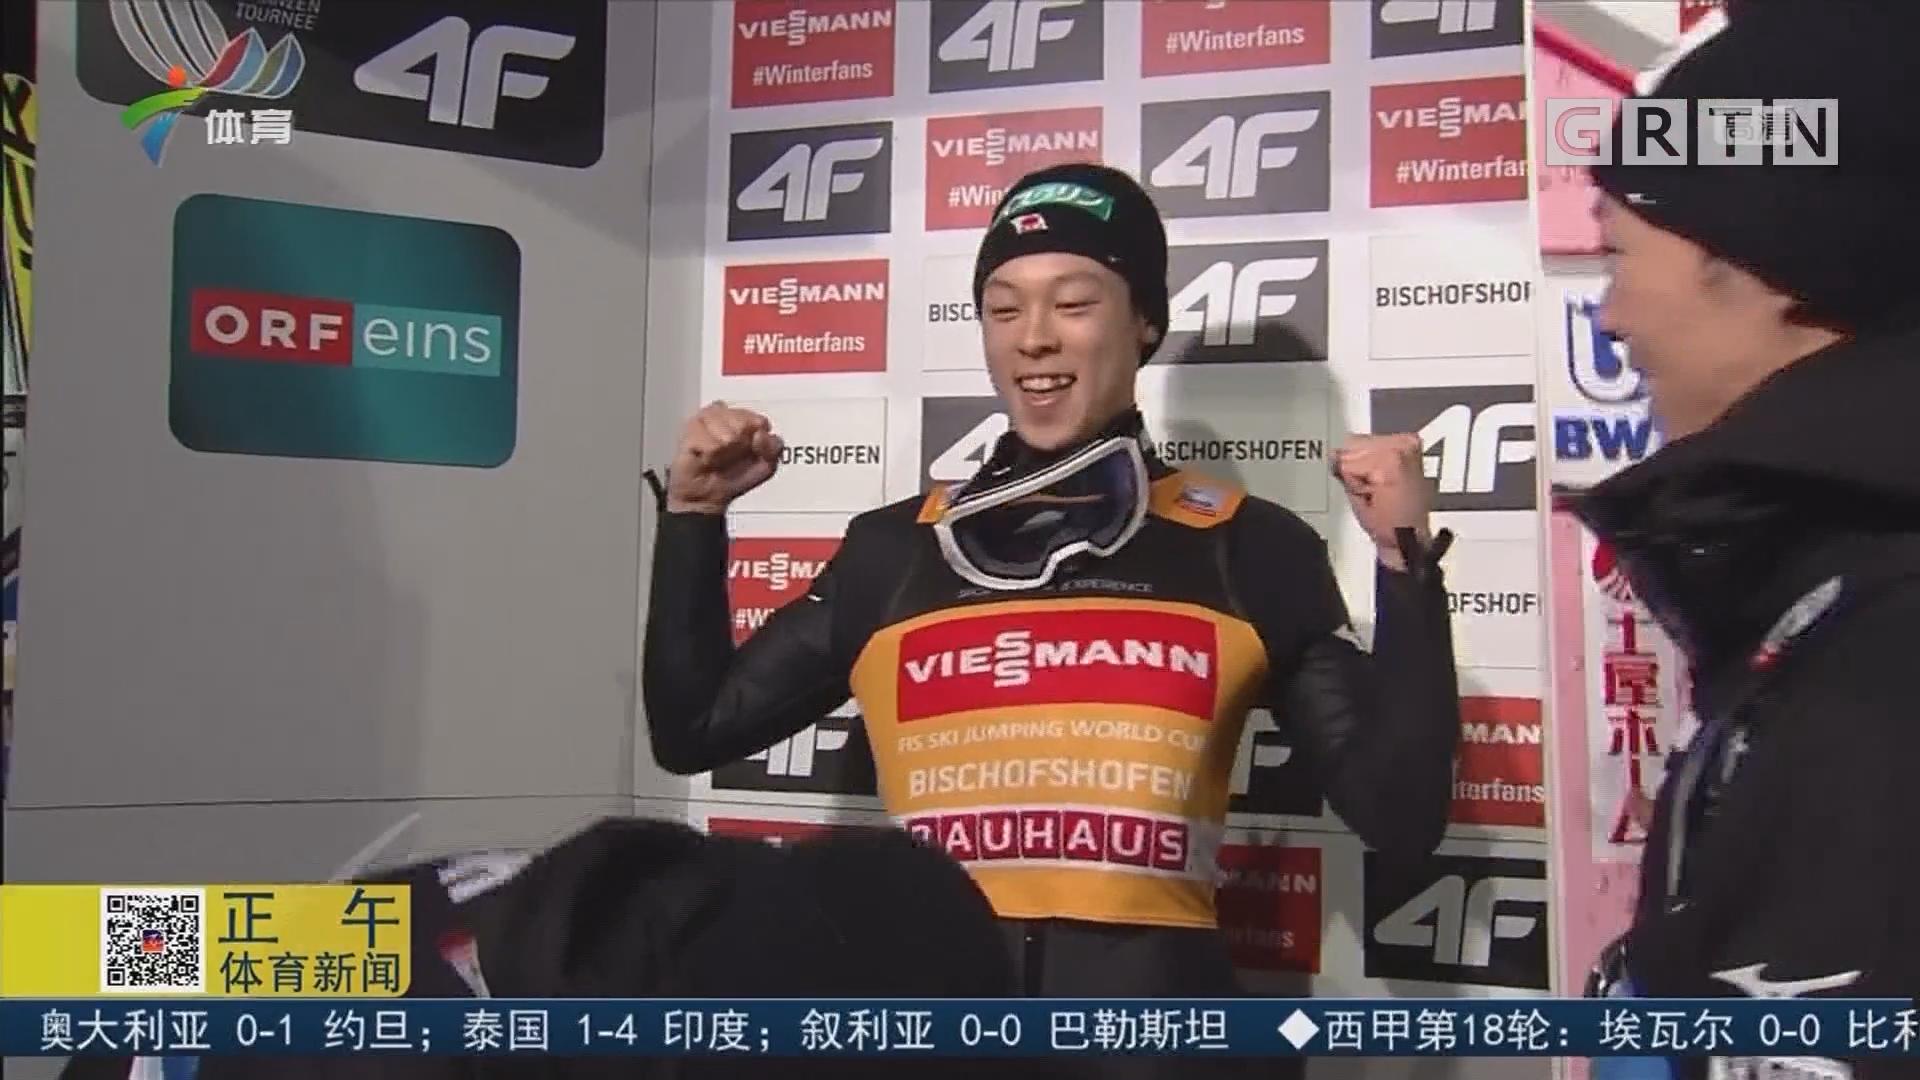 小林荣彦夺跳台四山滑雪锦标赛大满贯